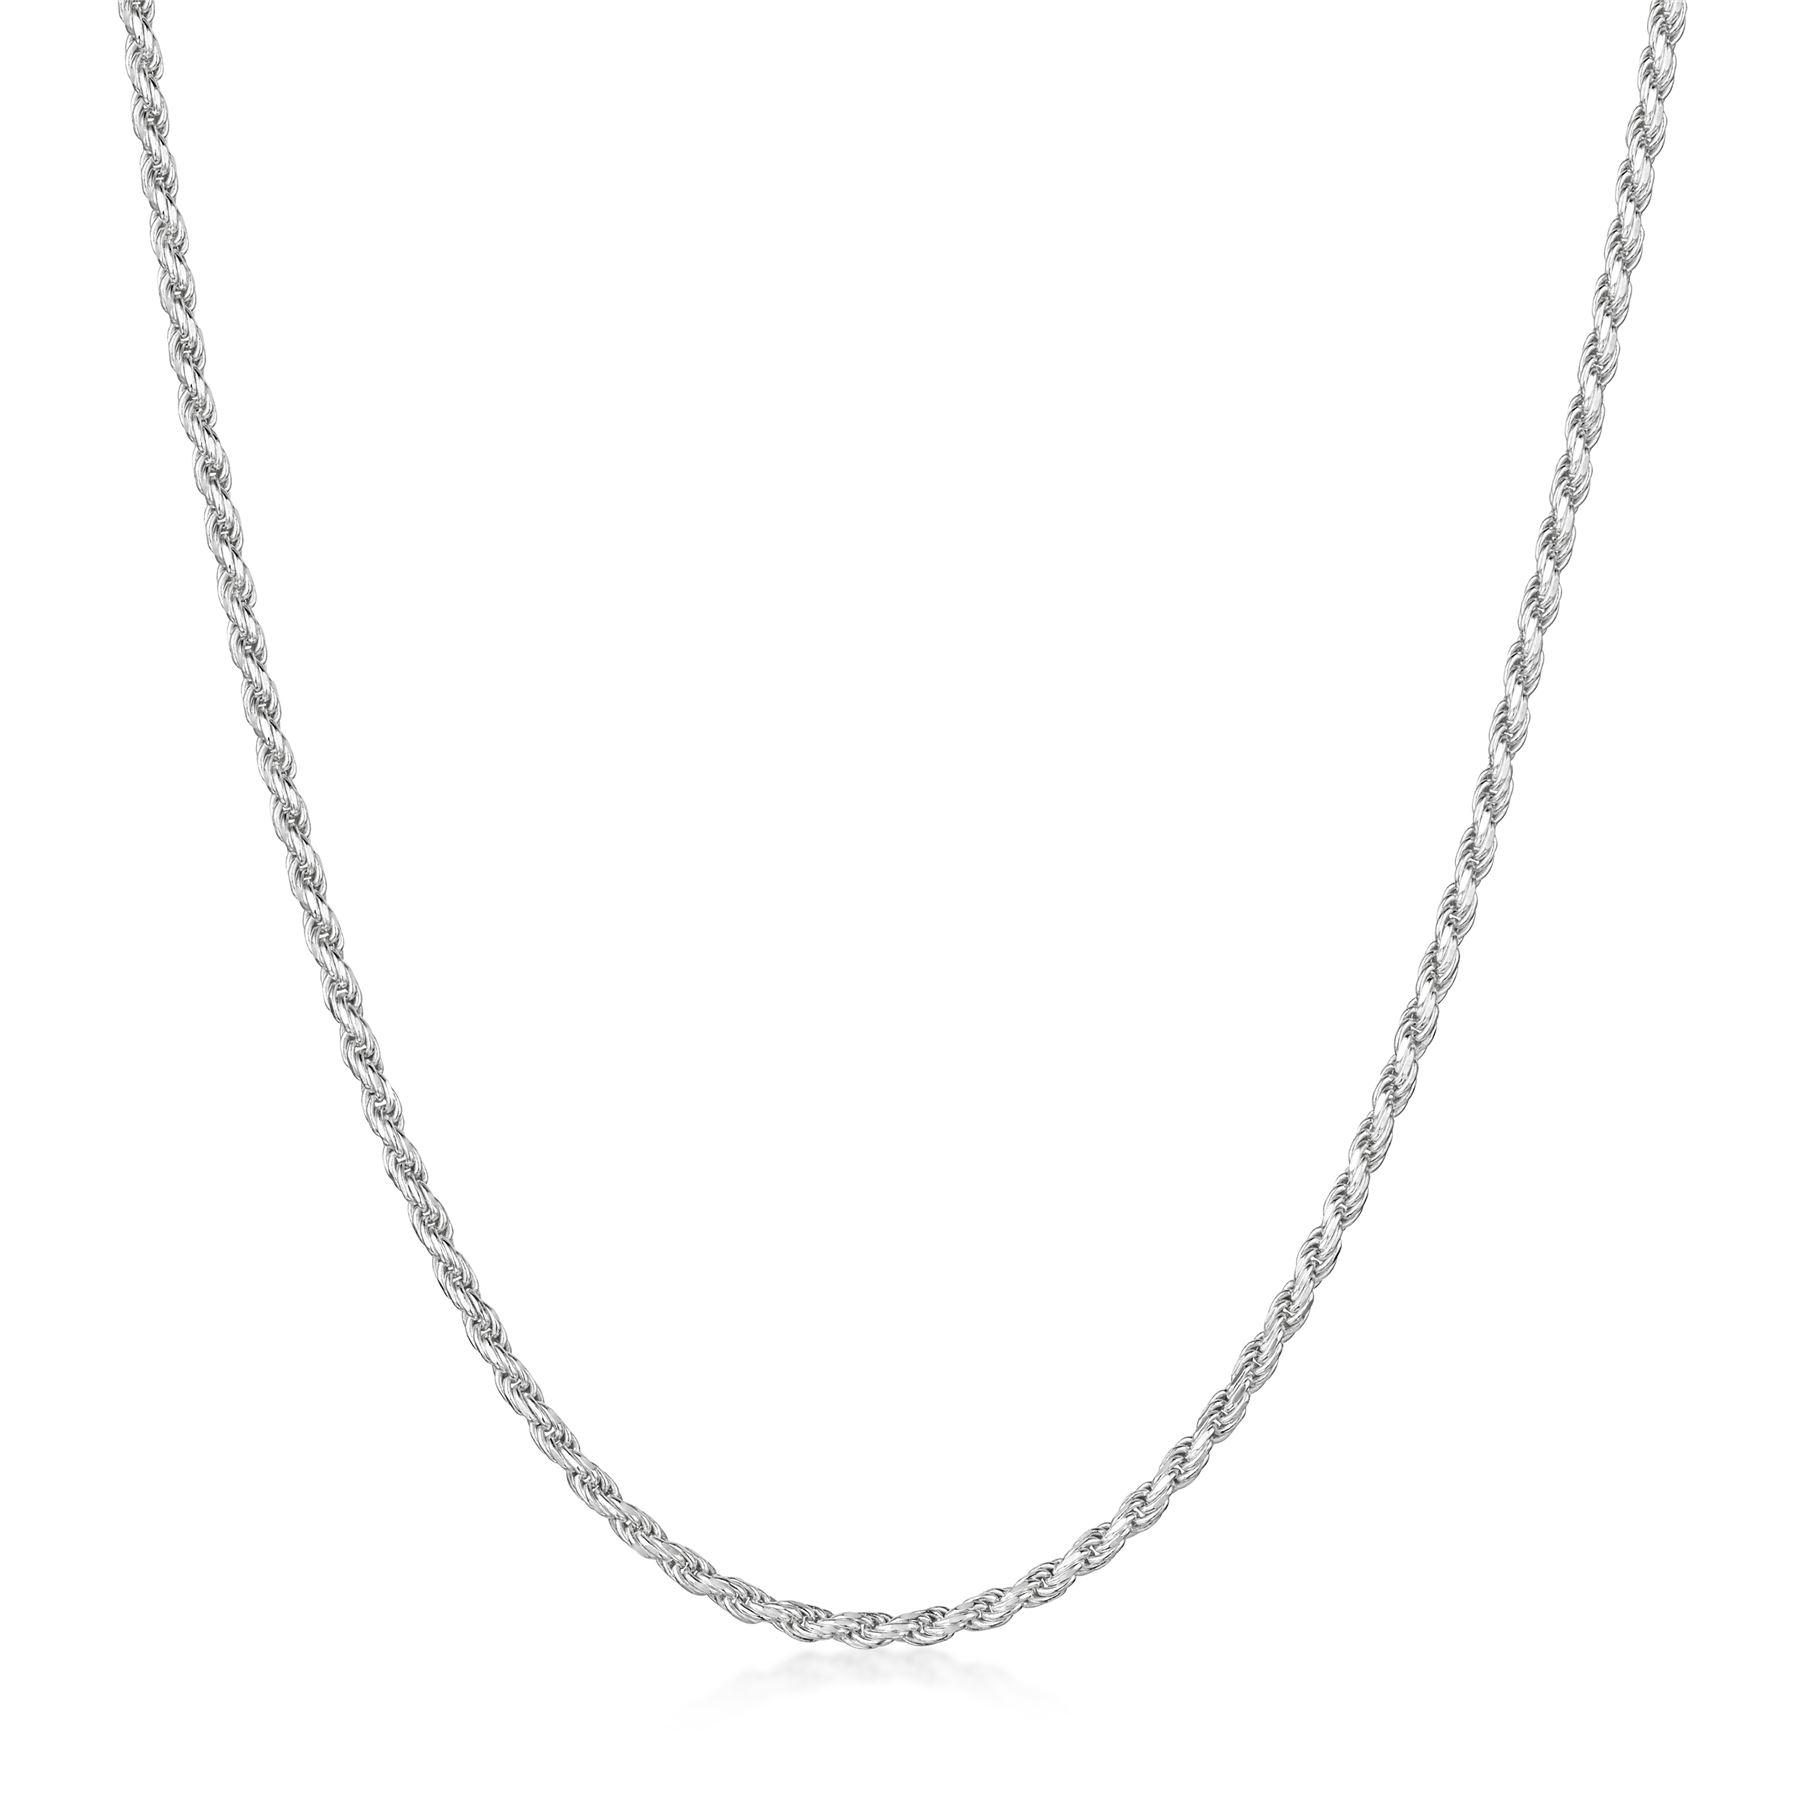 Amberta-Collar-en-Plata-De-Ley-925-Autentica-Cadena-para-Mujer-y-Hombre-Italiana miniatura 61